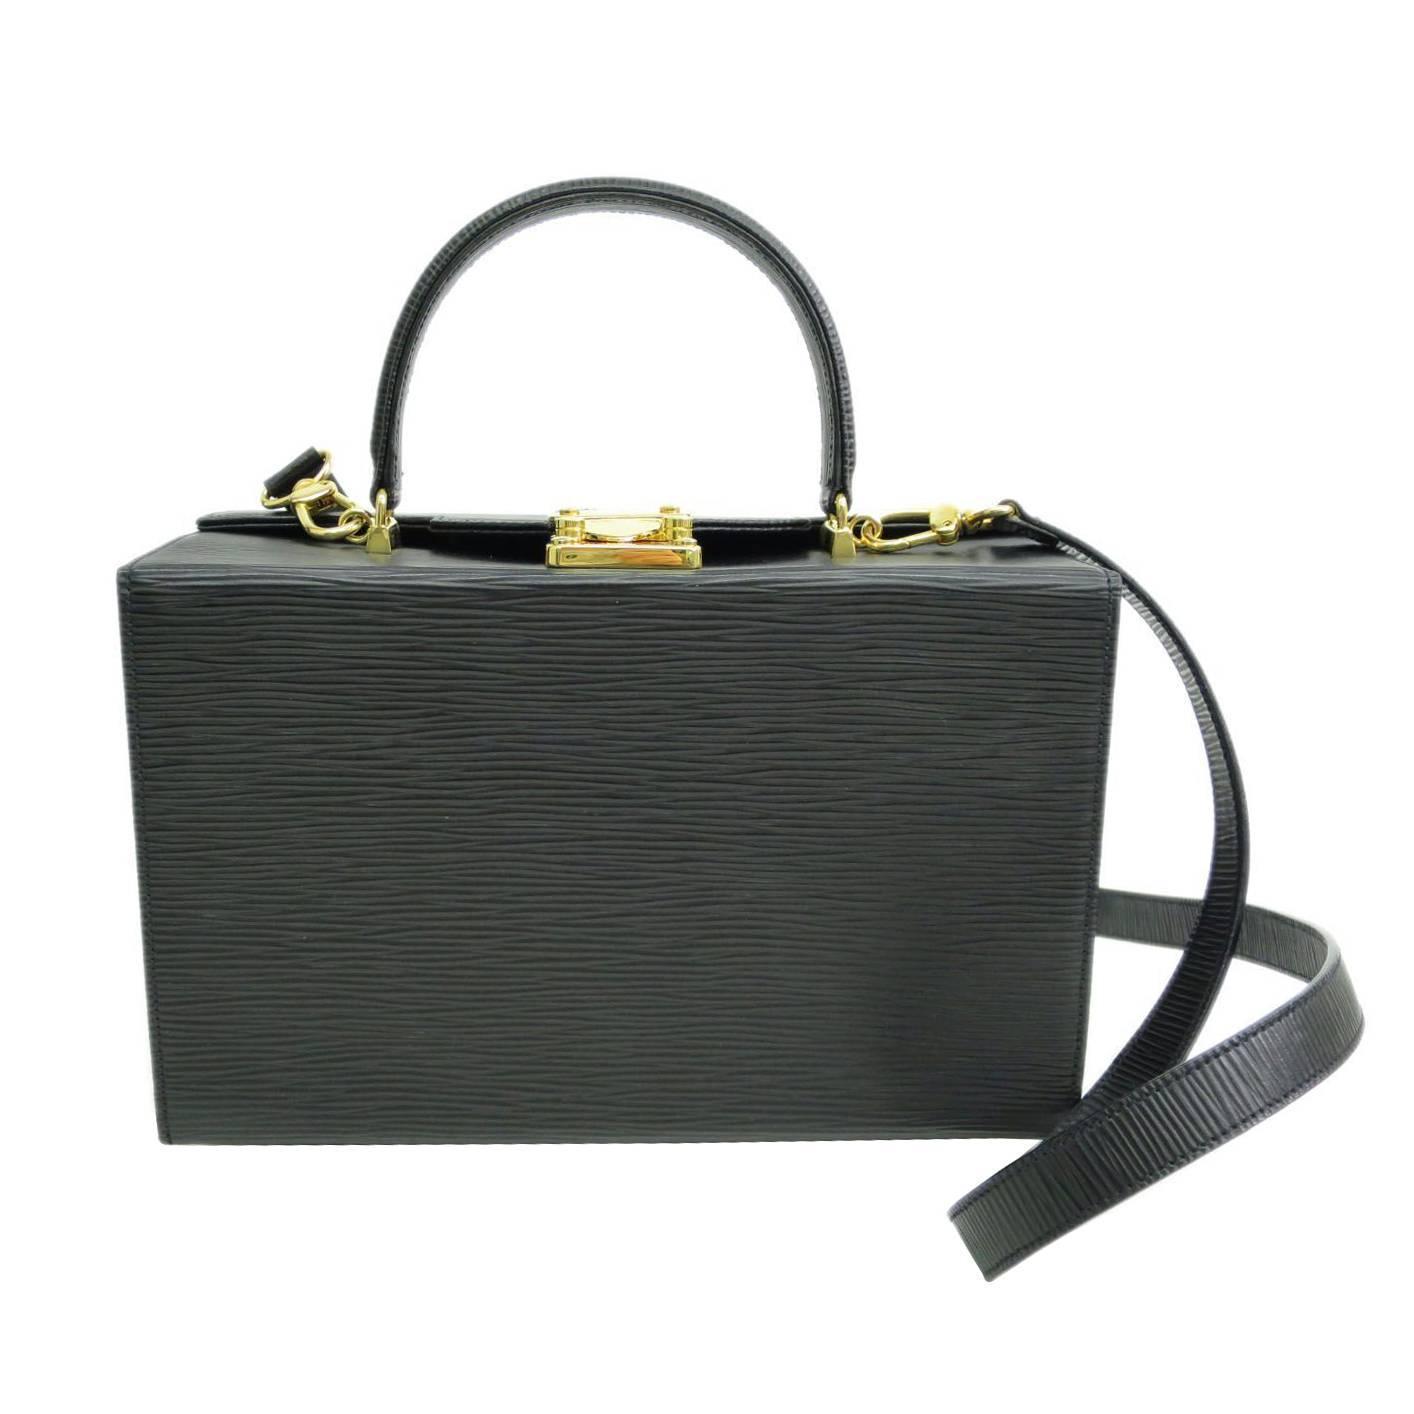 Fendi Black Epi Leather Box Satchel Shoulder Bag at 1stdibs